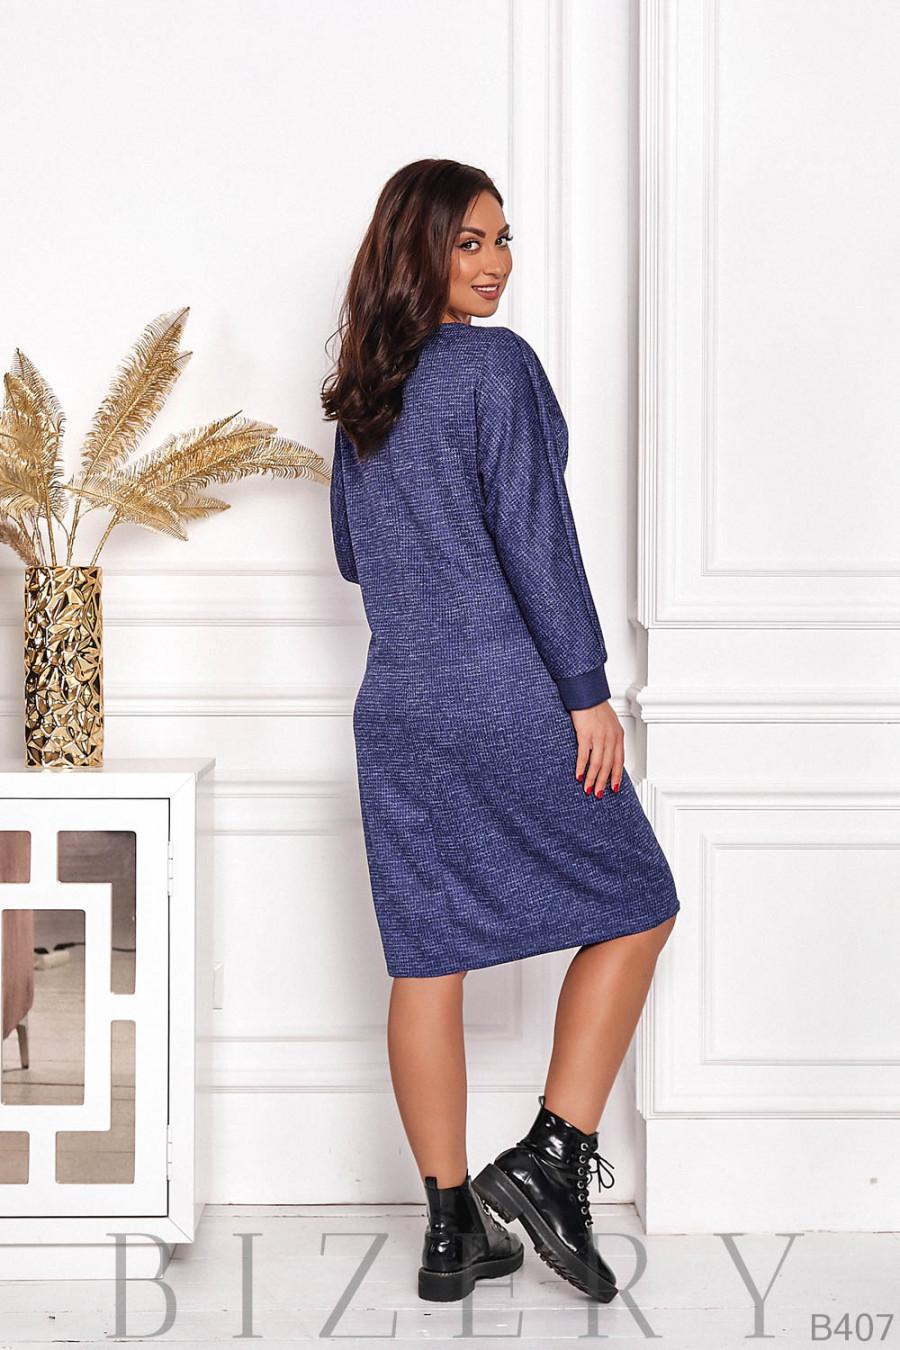 Элегантное платье из ангоры в синей расцветке B407